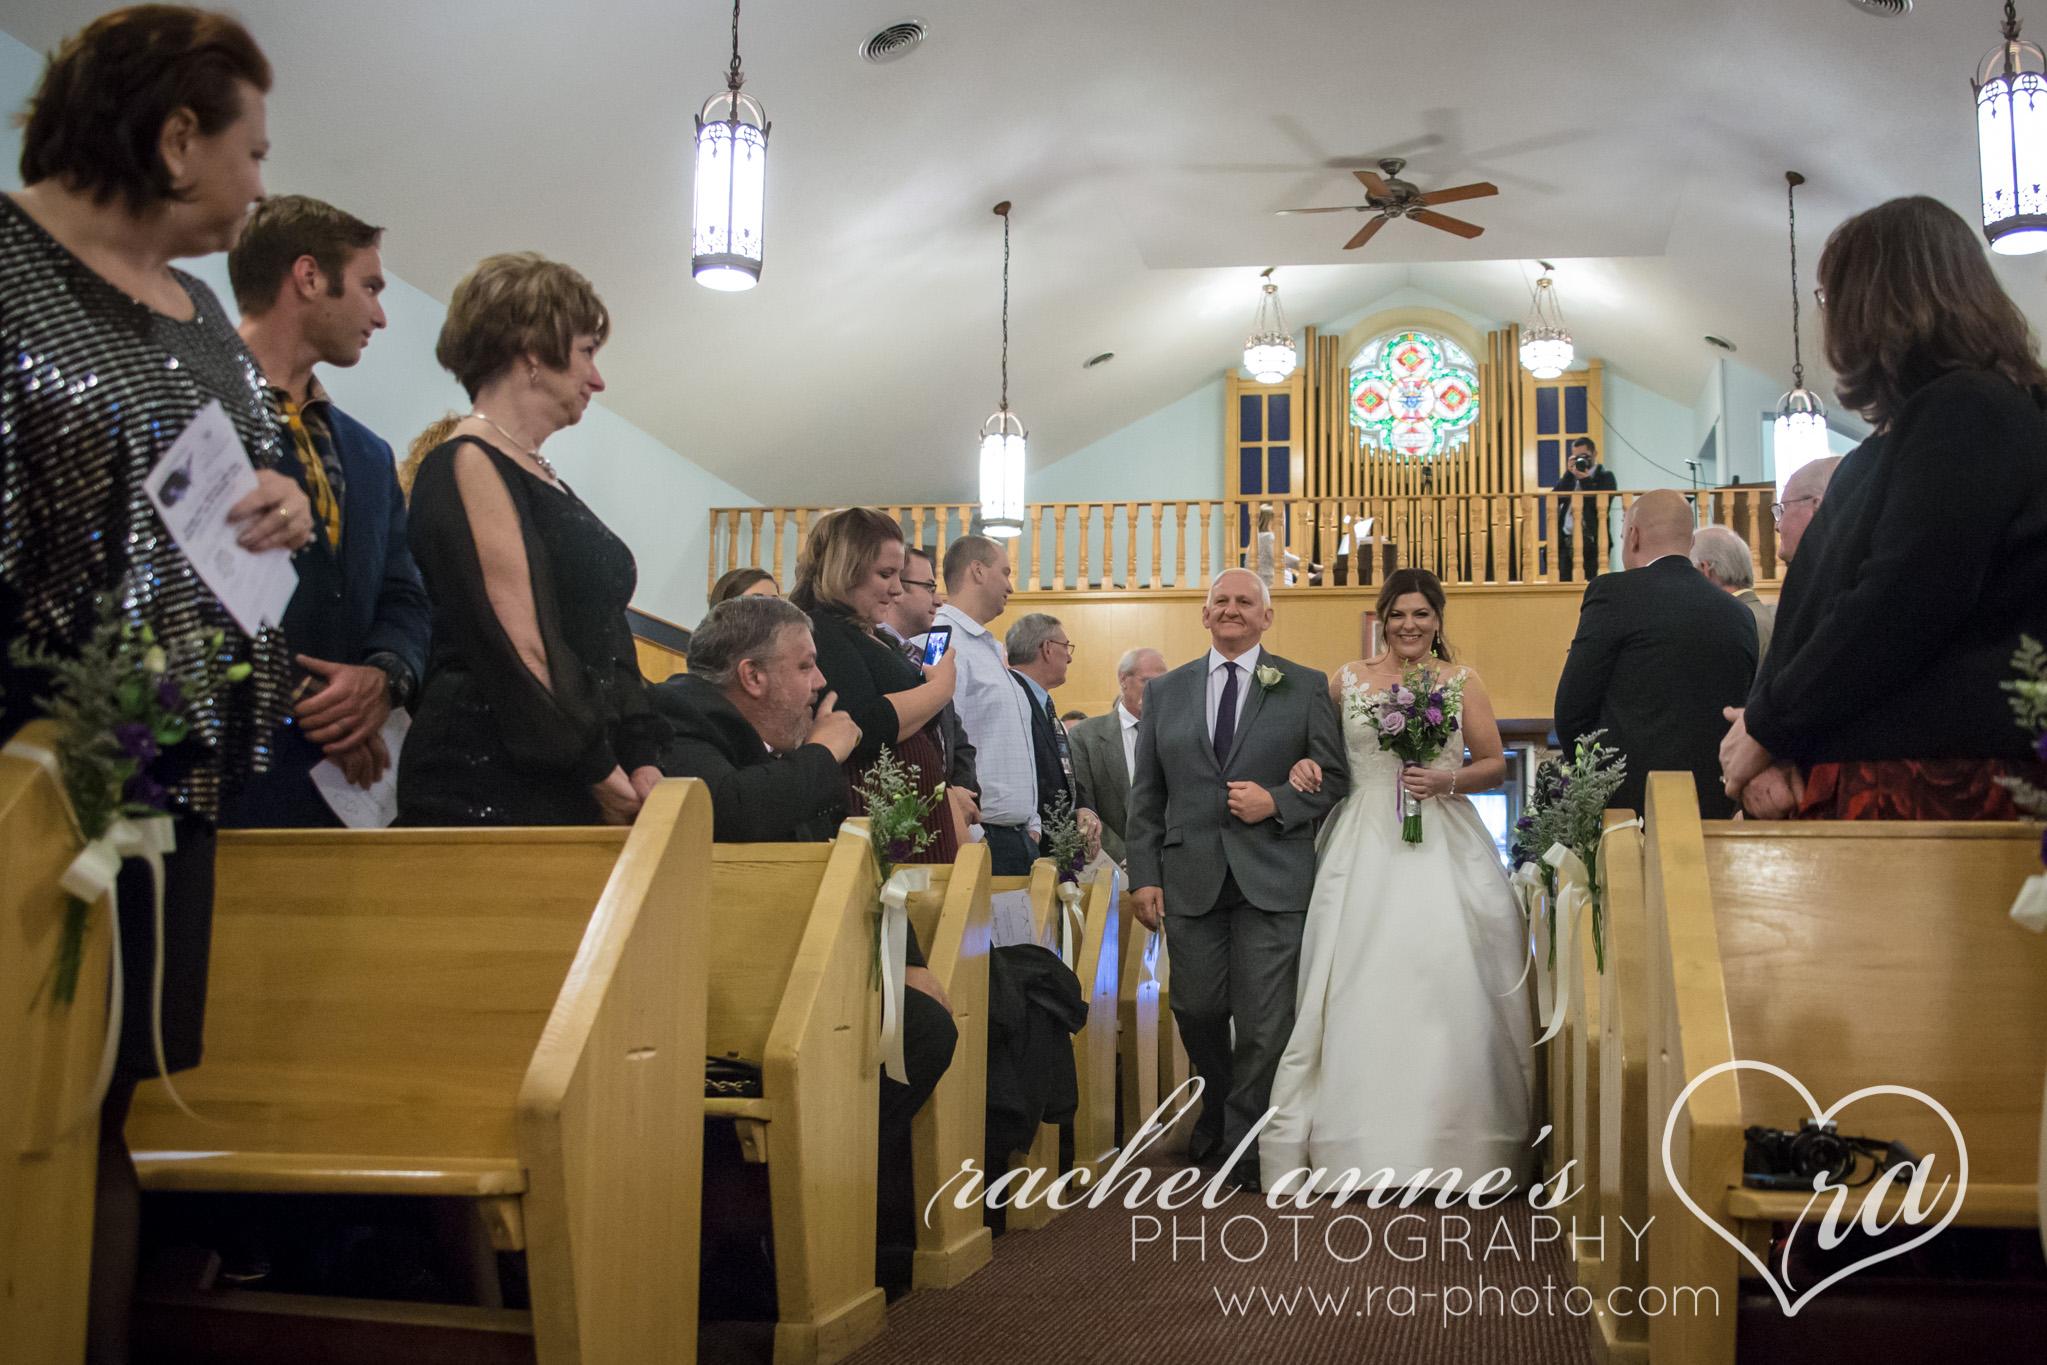 043-CAP-CURWENSVILLE-PA-TREASURE-LAKEVIEW-LODGE-WEDDINGS.jpg